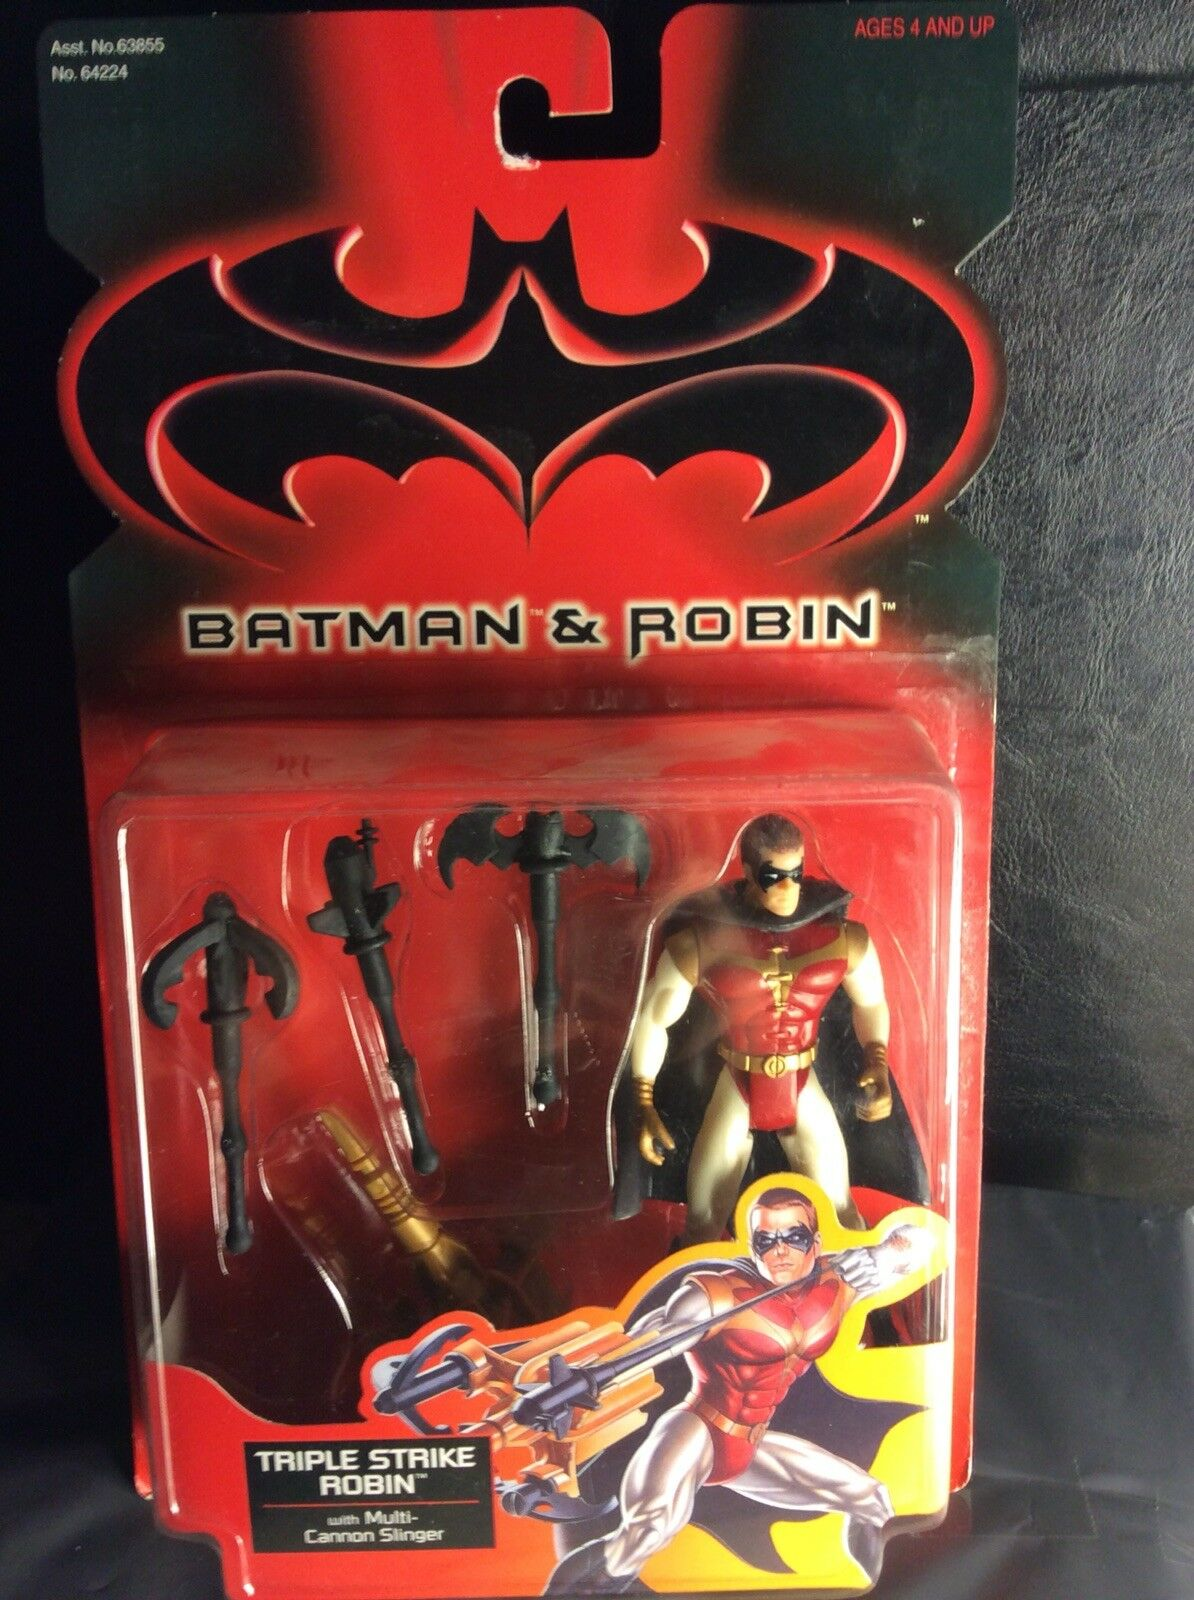 1997 kenner batman und robin - streik robin